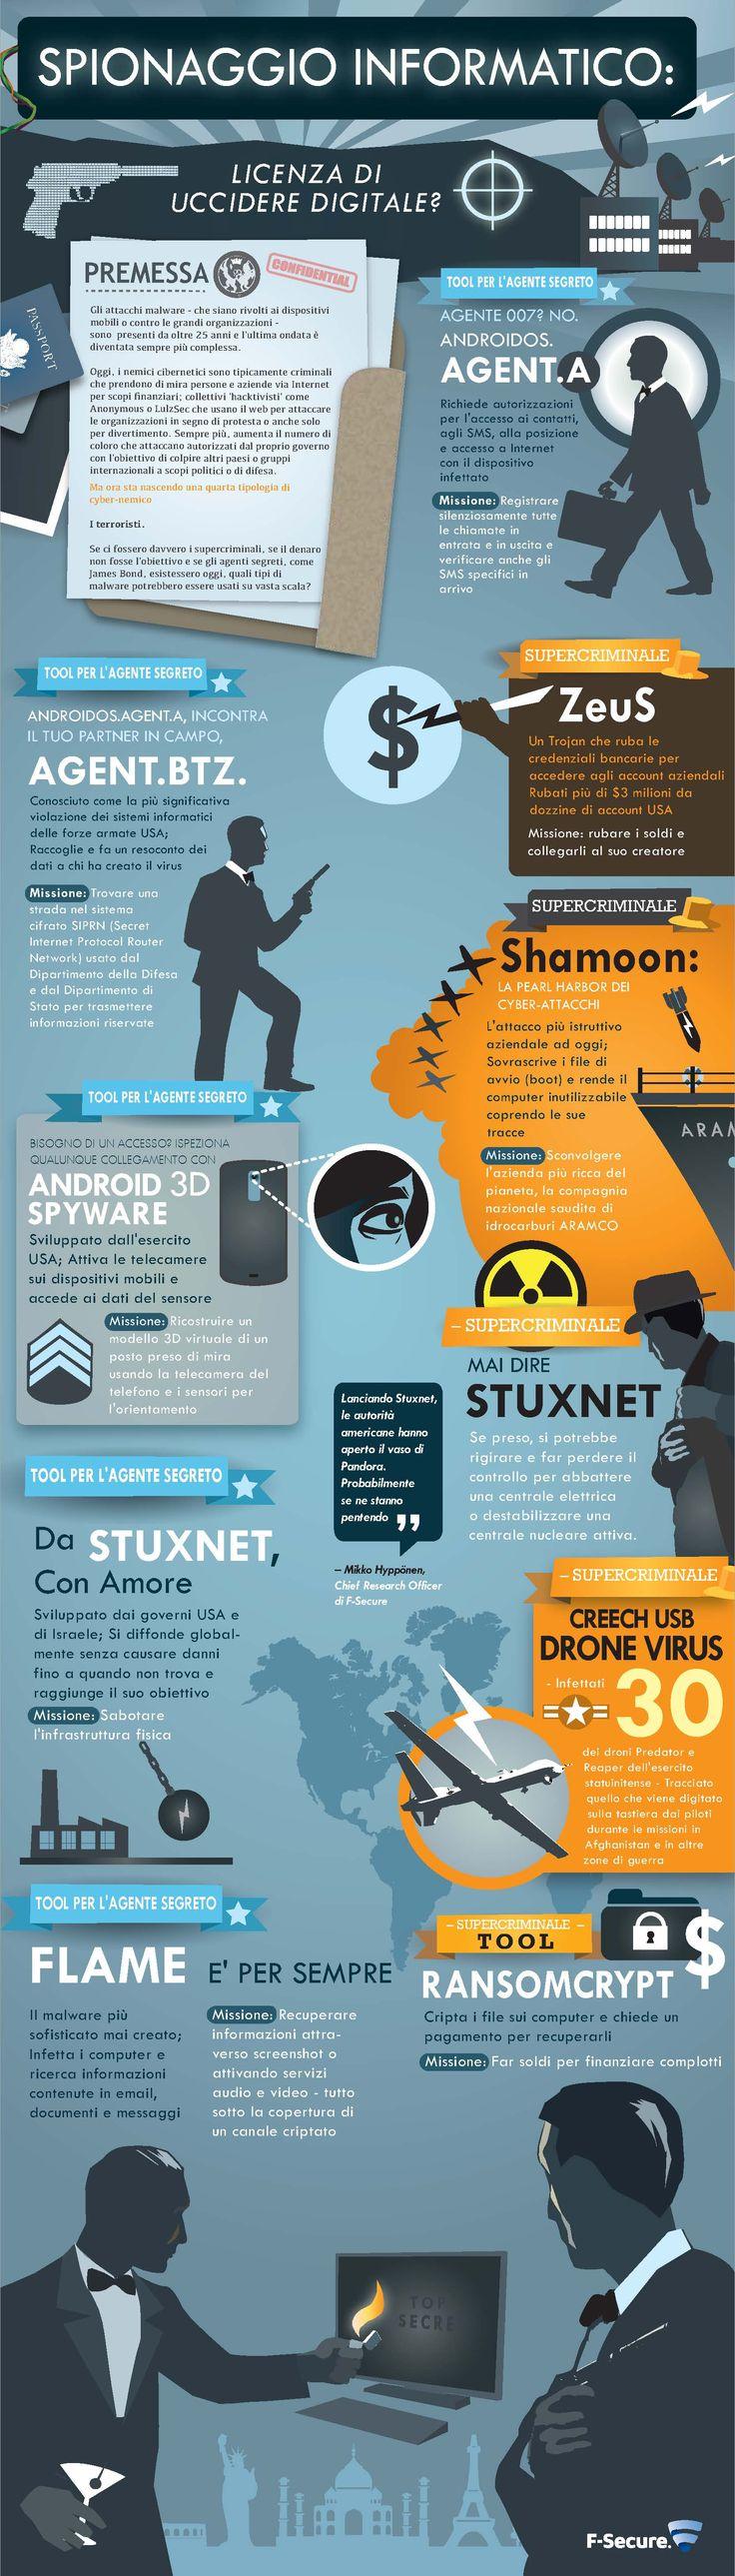 Lo spionaggio informatico in una infografica